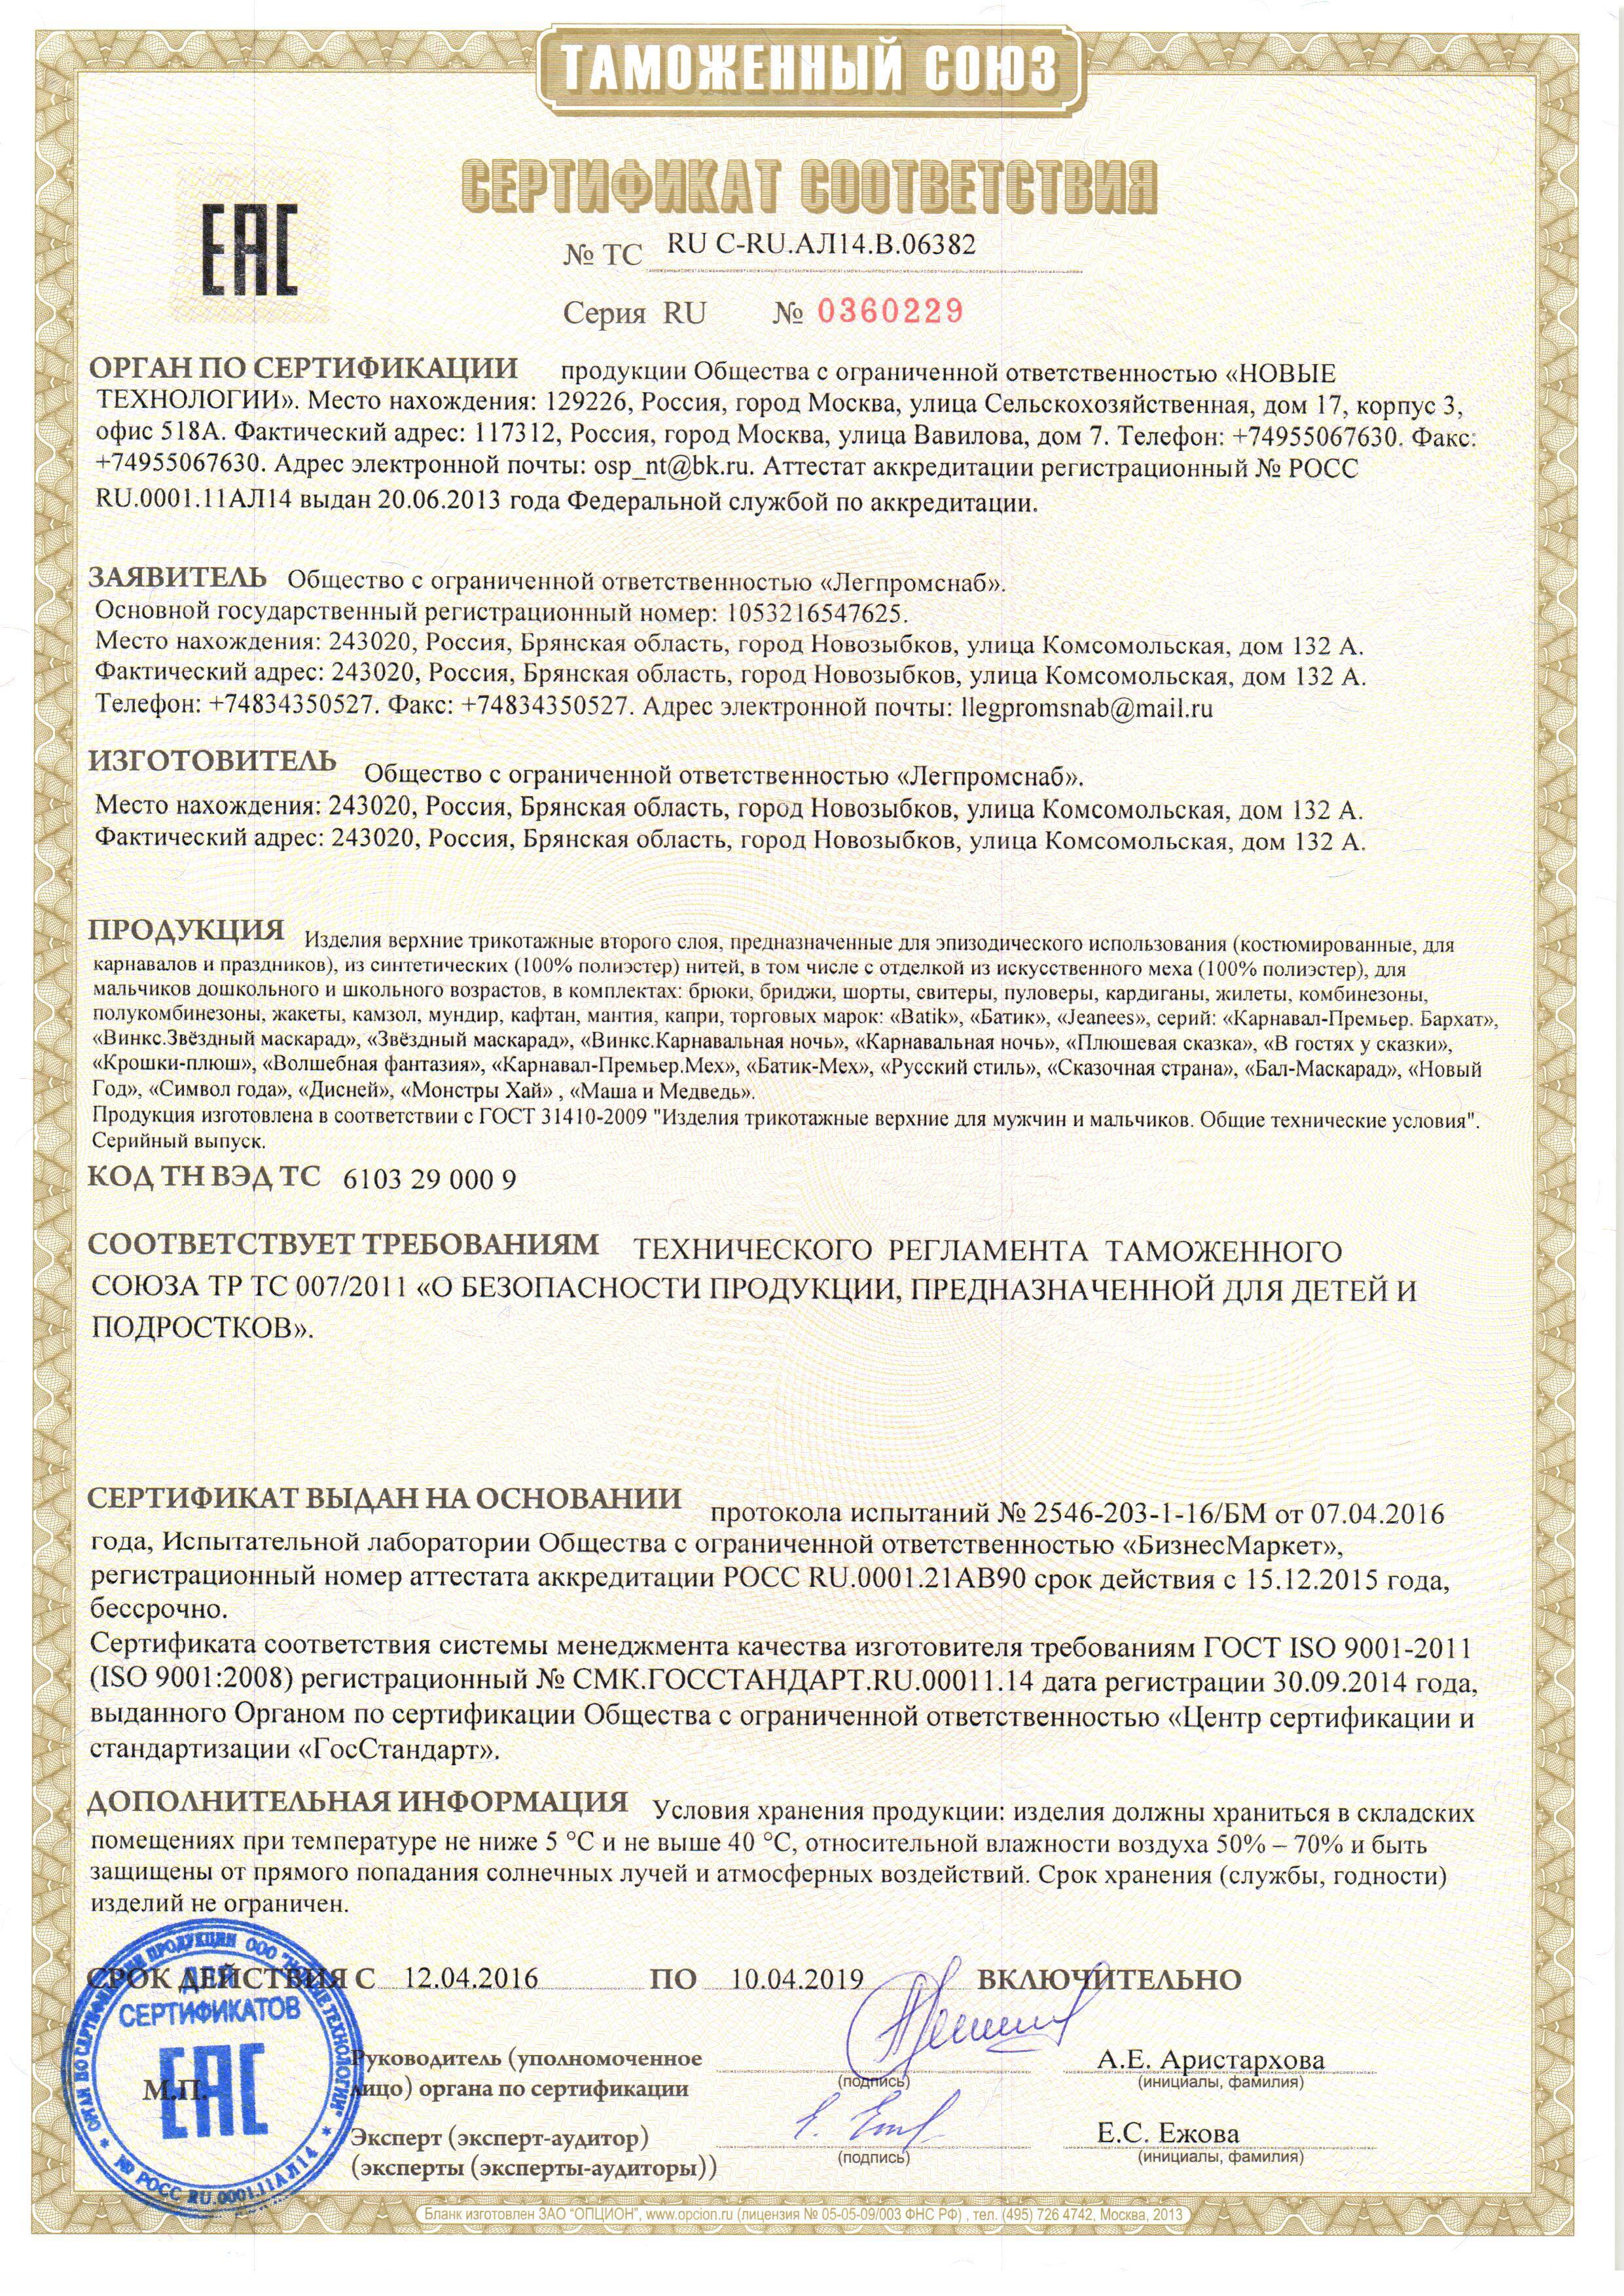 Сертификаты-5.jpg